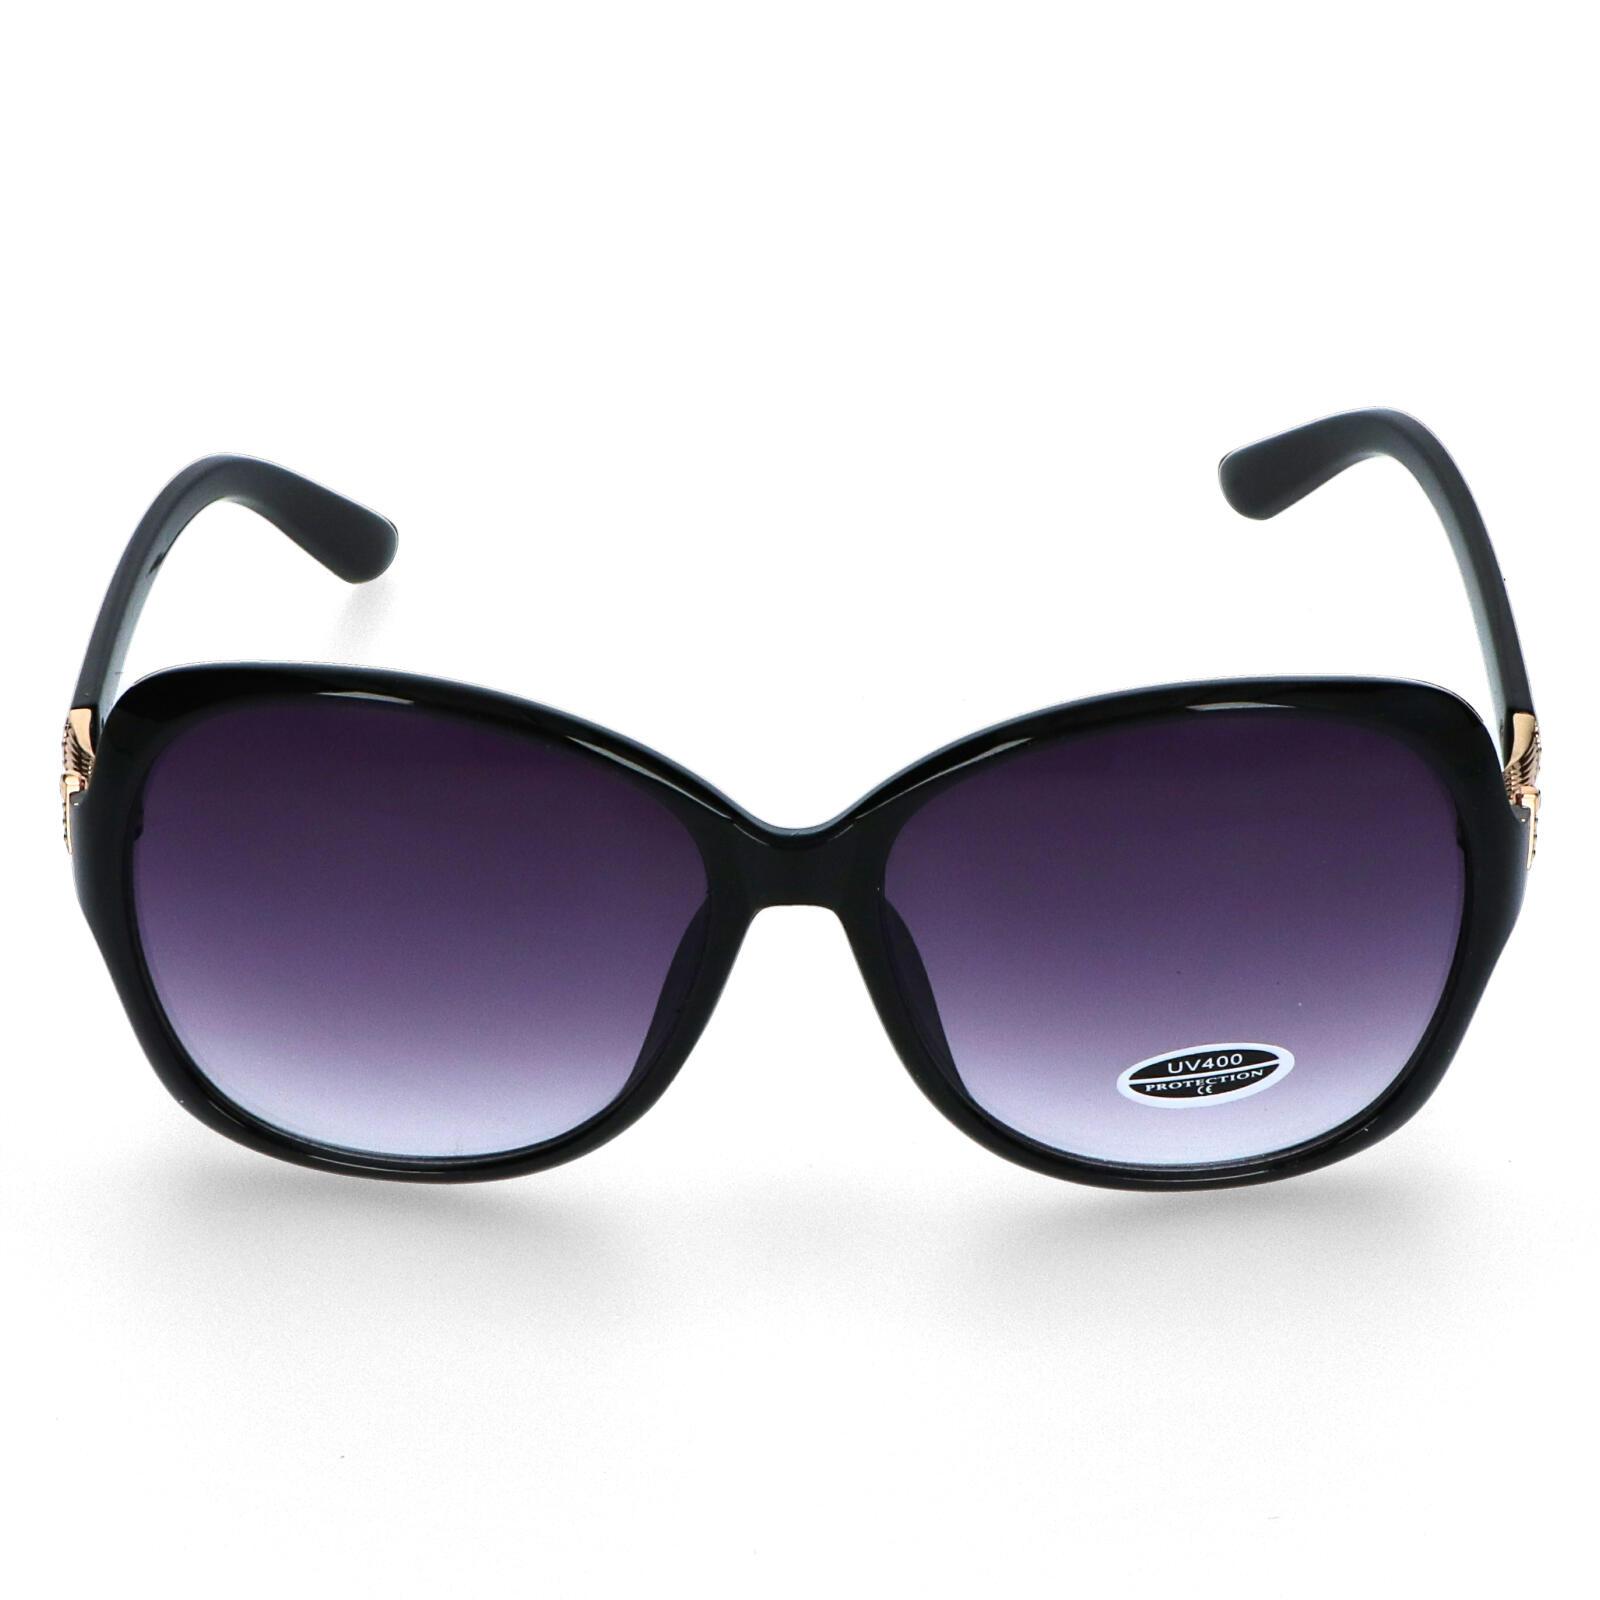 Dámske slnečné okuliare čierne - S0605